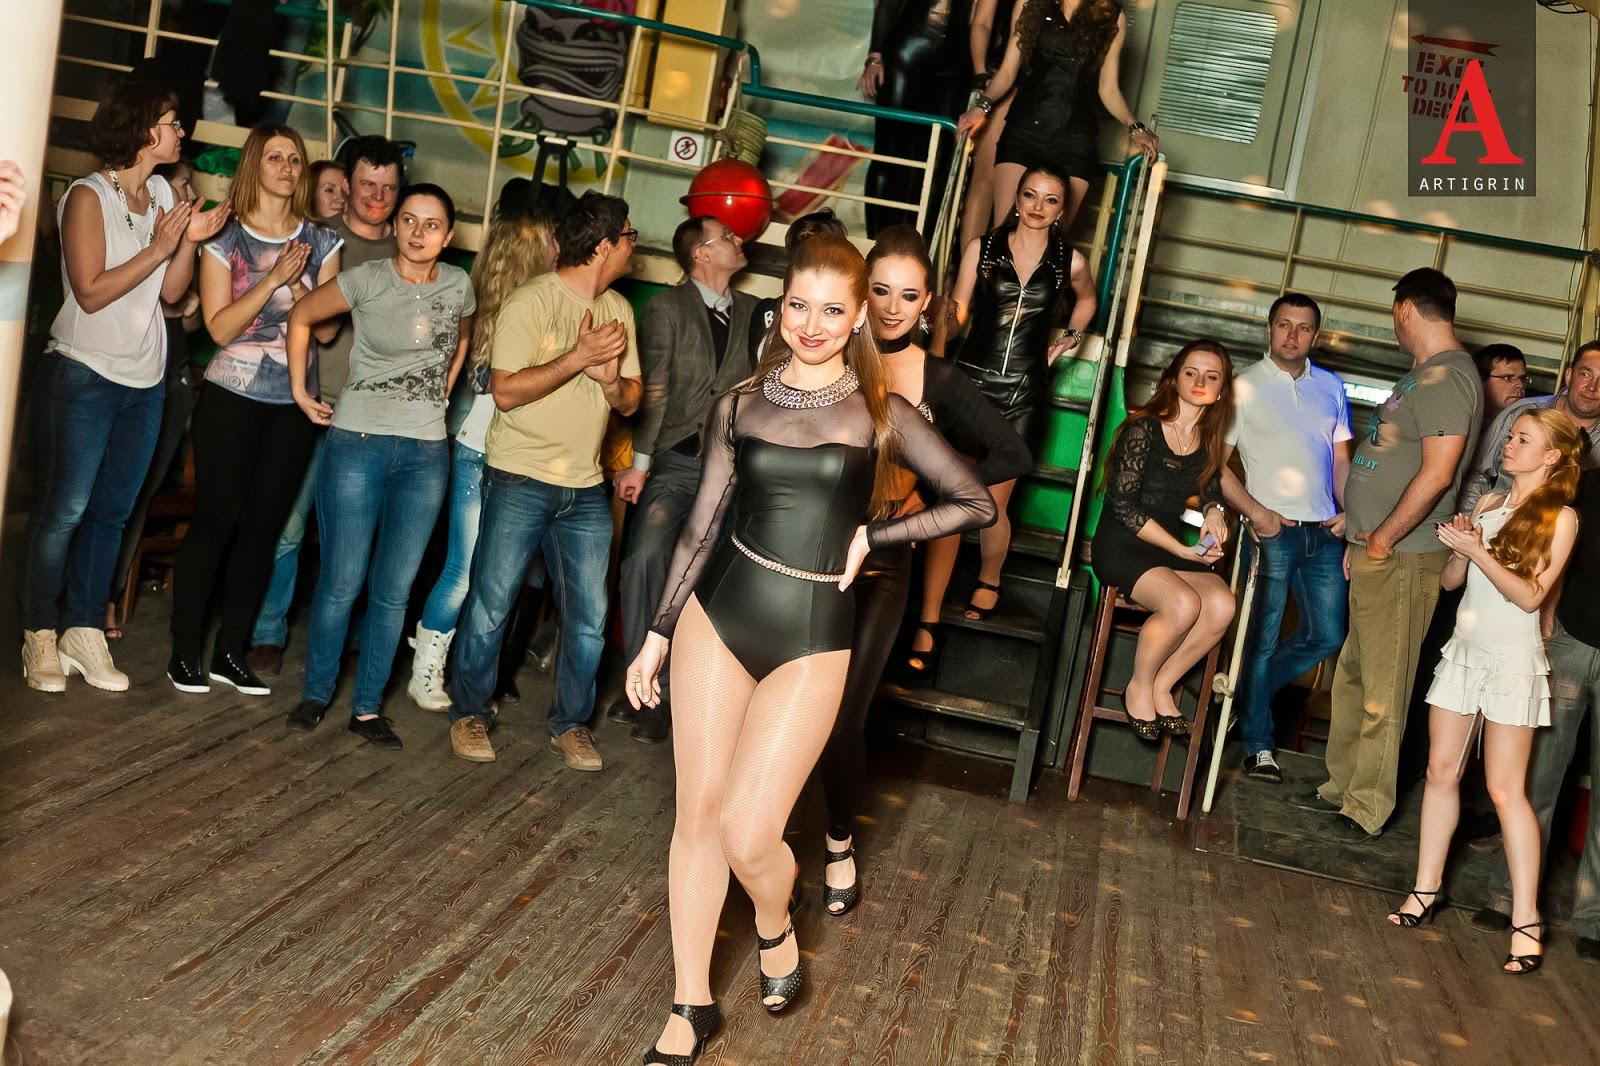 Свингер клуб в с петербурге, Свинг в Питере, поиск знакомств 1 фотография